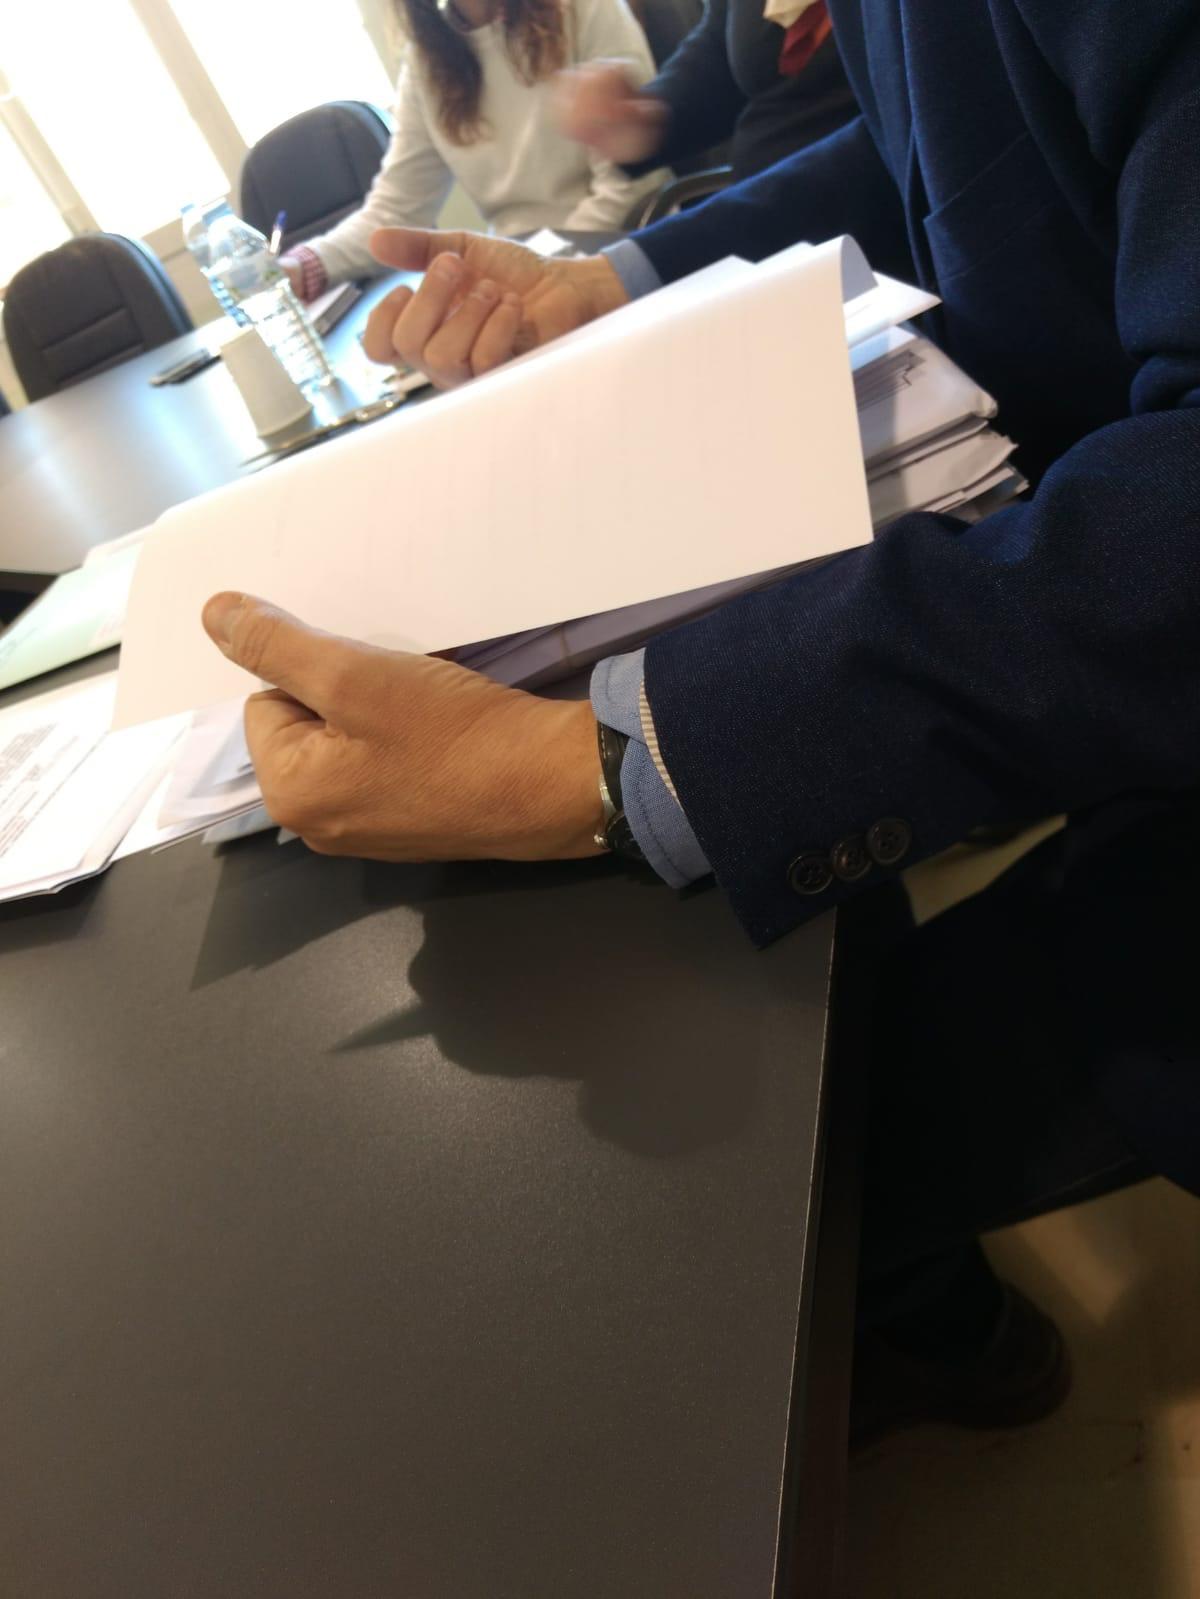 Avui s'ha reunit la Mesa de contractació per a la licitació del servei d'assessoria i gestoria laboral i fiscal